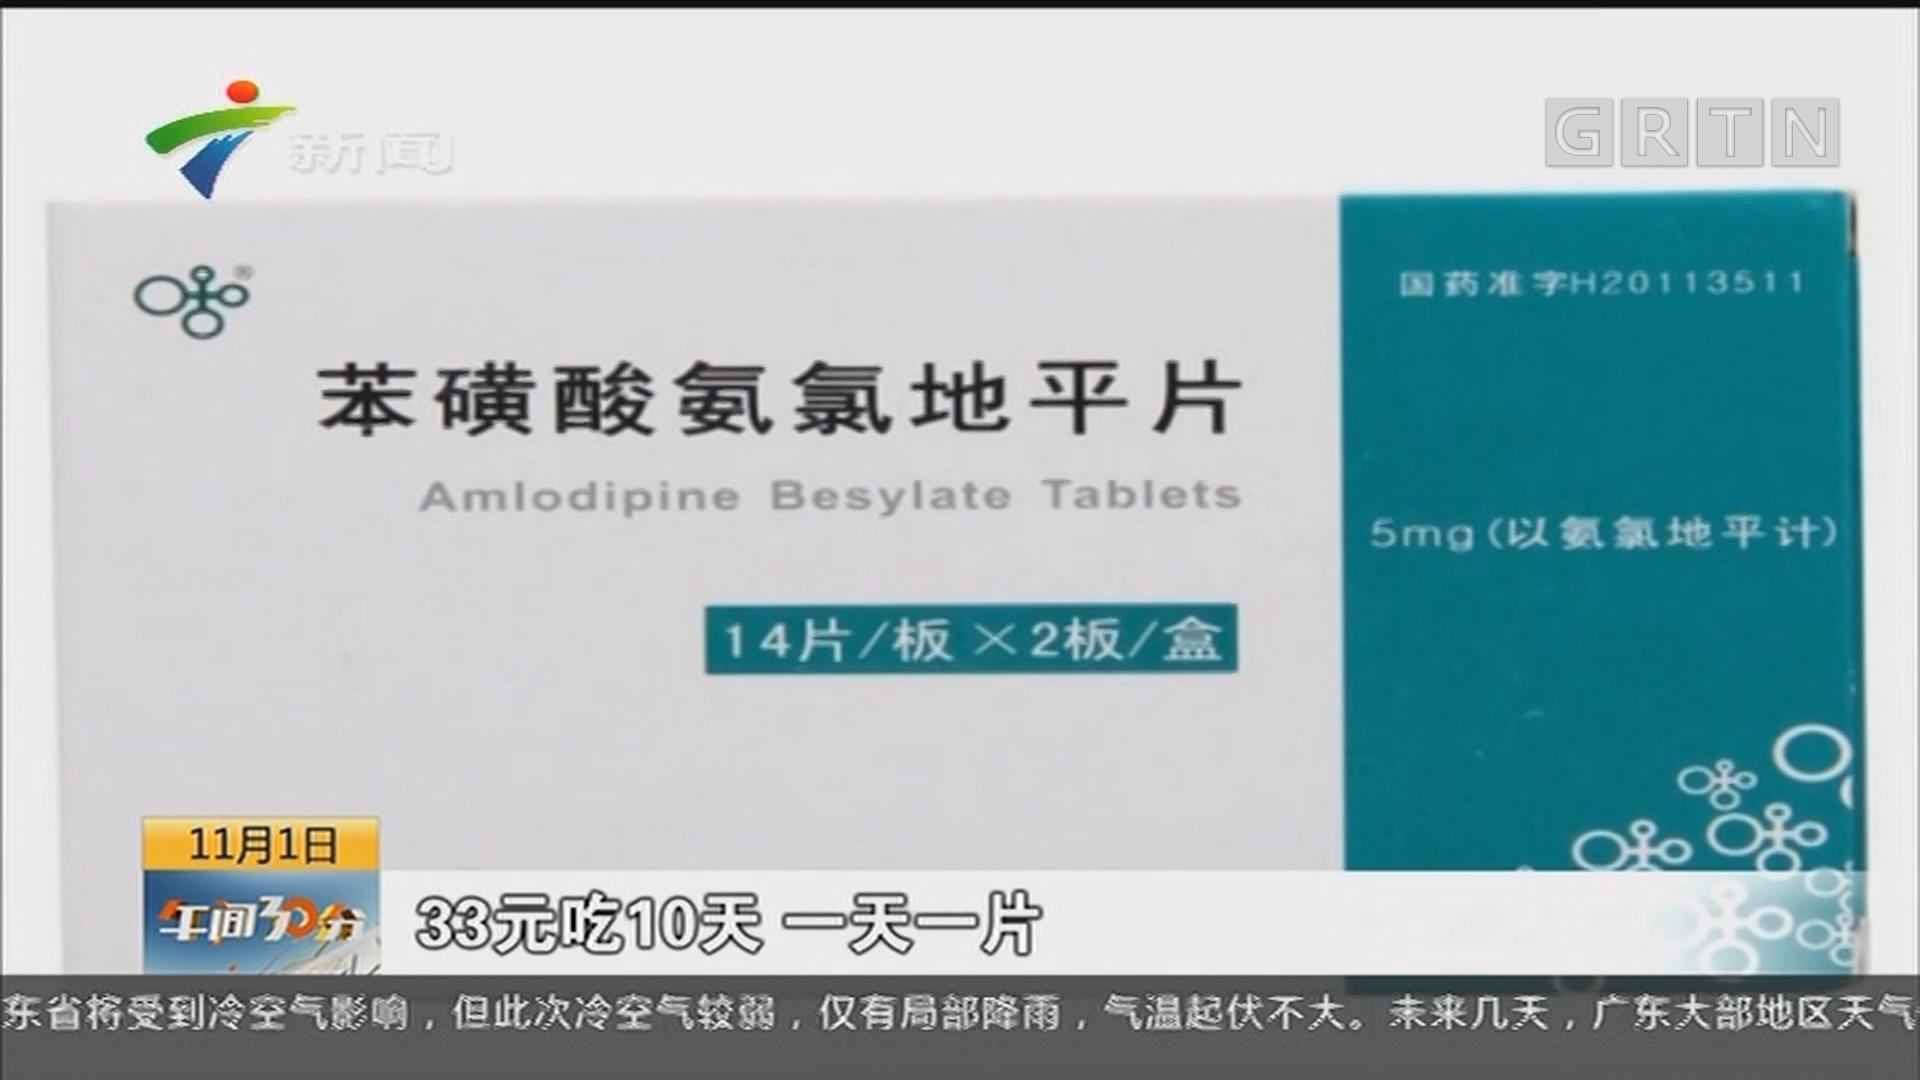 一批新规今起实施:高血压 糖尿病 两种慢性病门诊用药将有报销